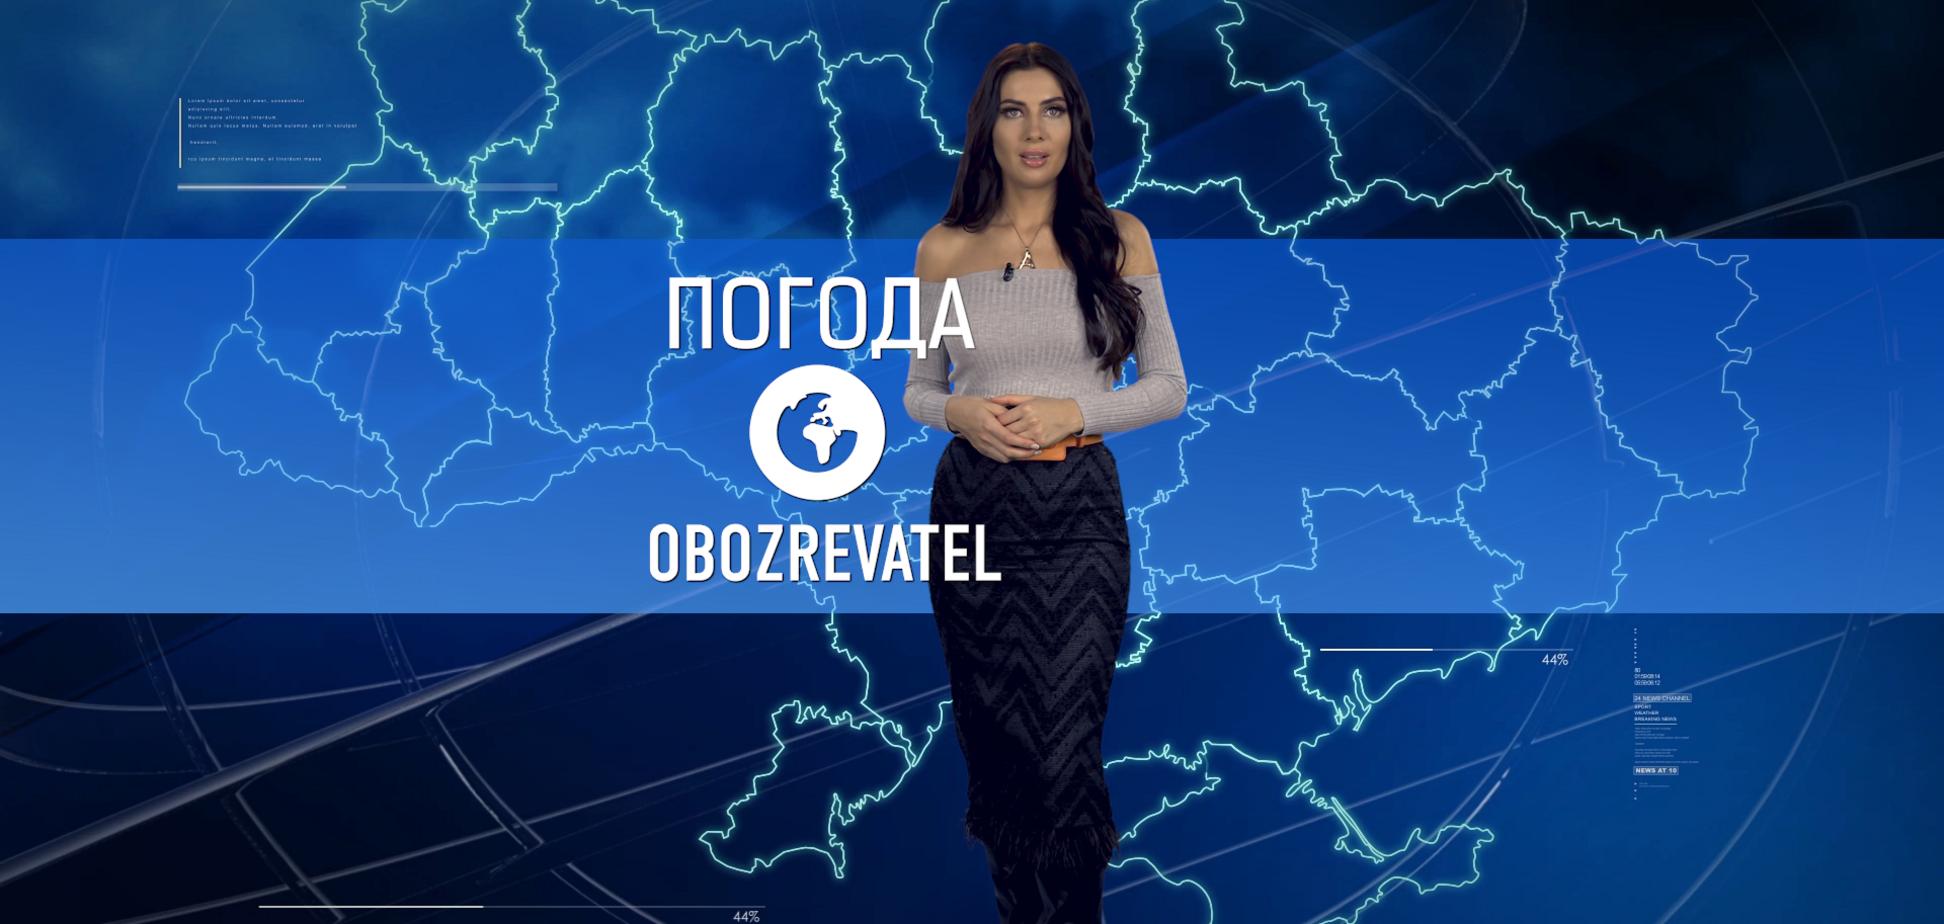 Прогноз погоди в Україні на суботу 13 березня з Алісою Мярковською